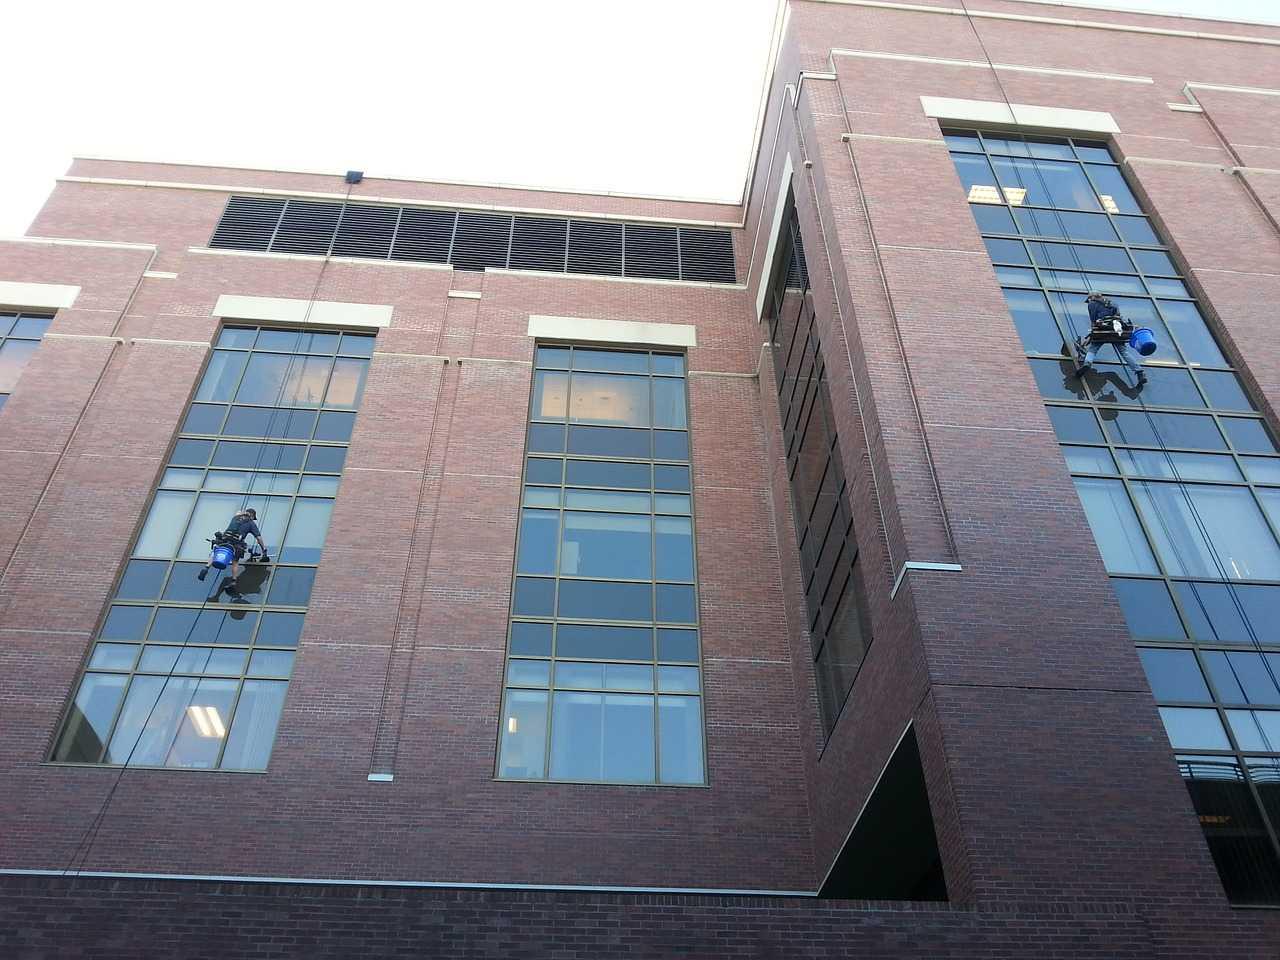 manutenção da fachada do condomínio limpeza